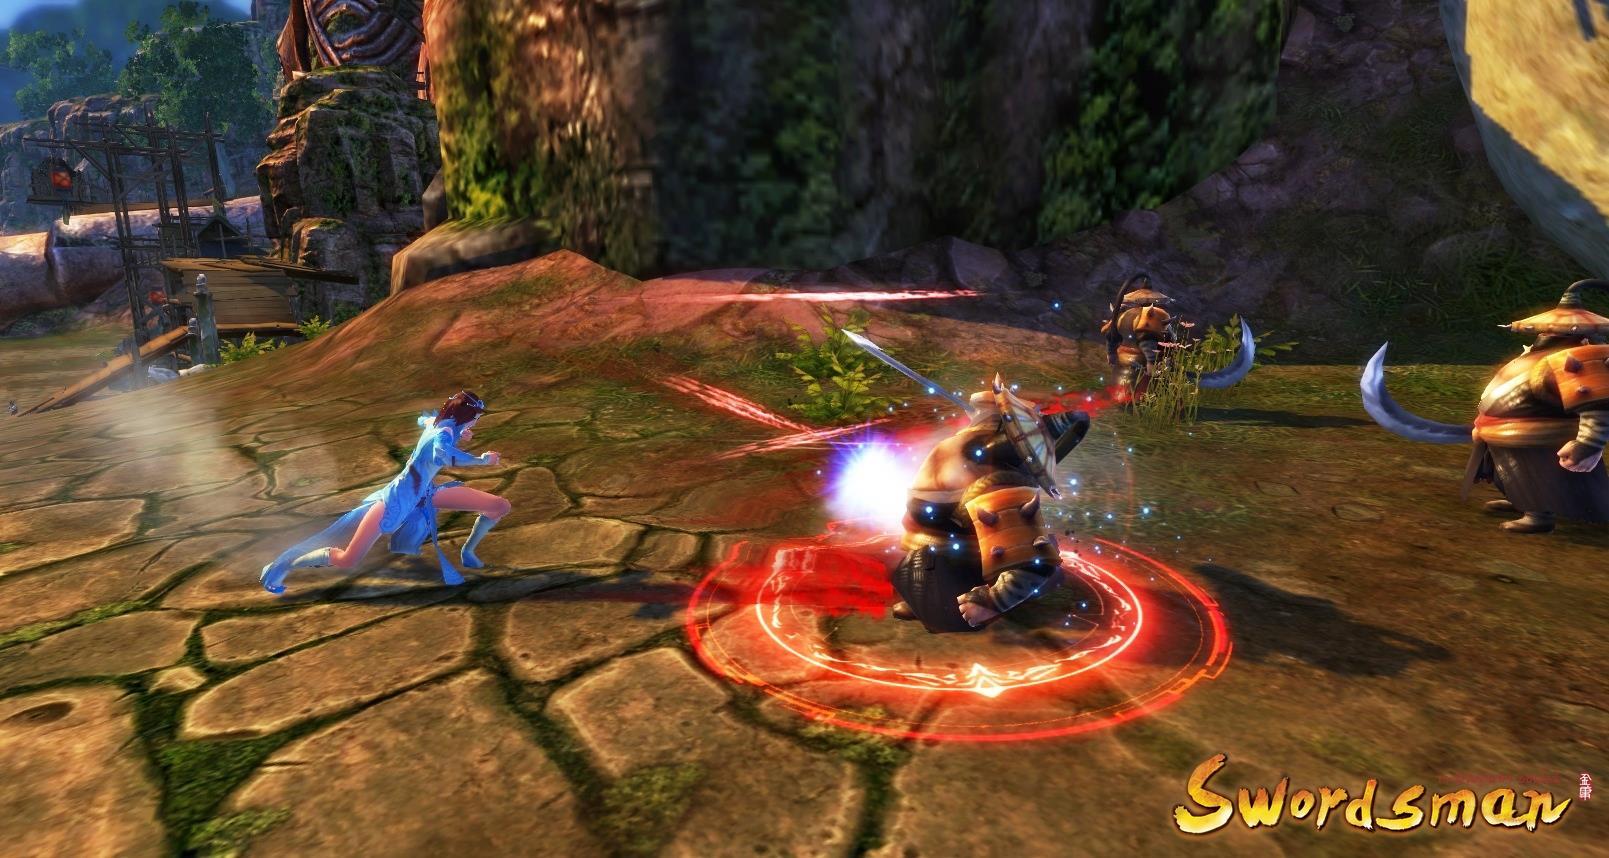 Swordsman Online 682019 13